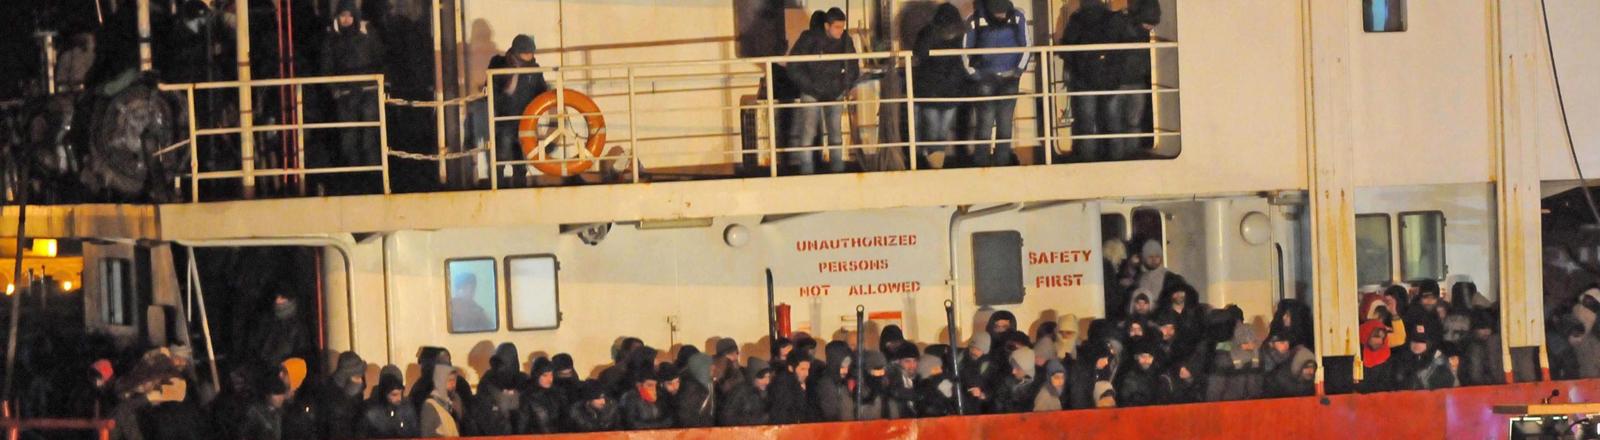 Rund 700 Flüchtlinge wurden am 31. Dezember 2014 vor der italienischen Küste von einem führerlosen Frachter gerettet.